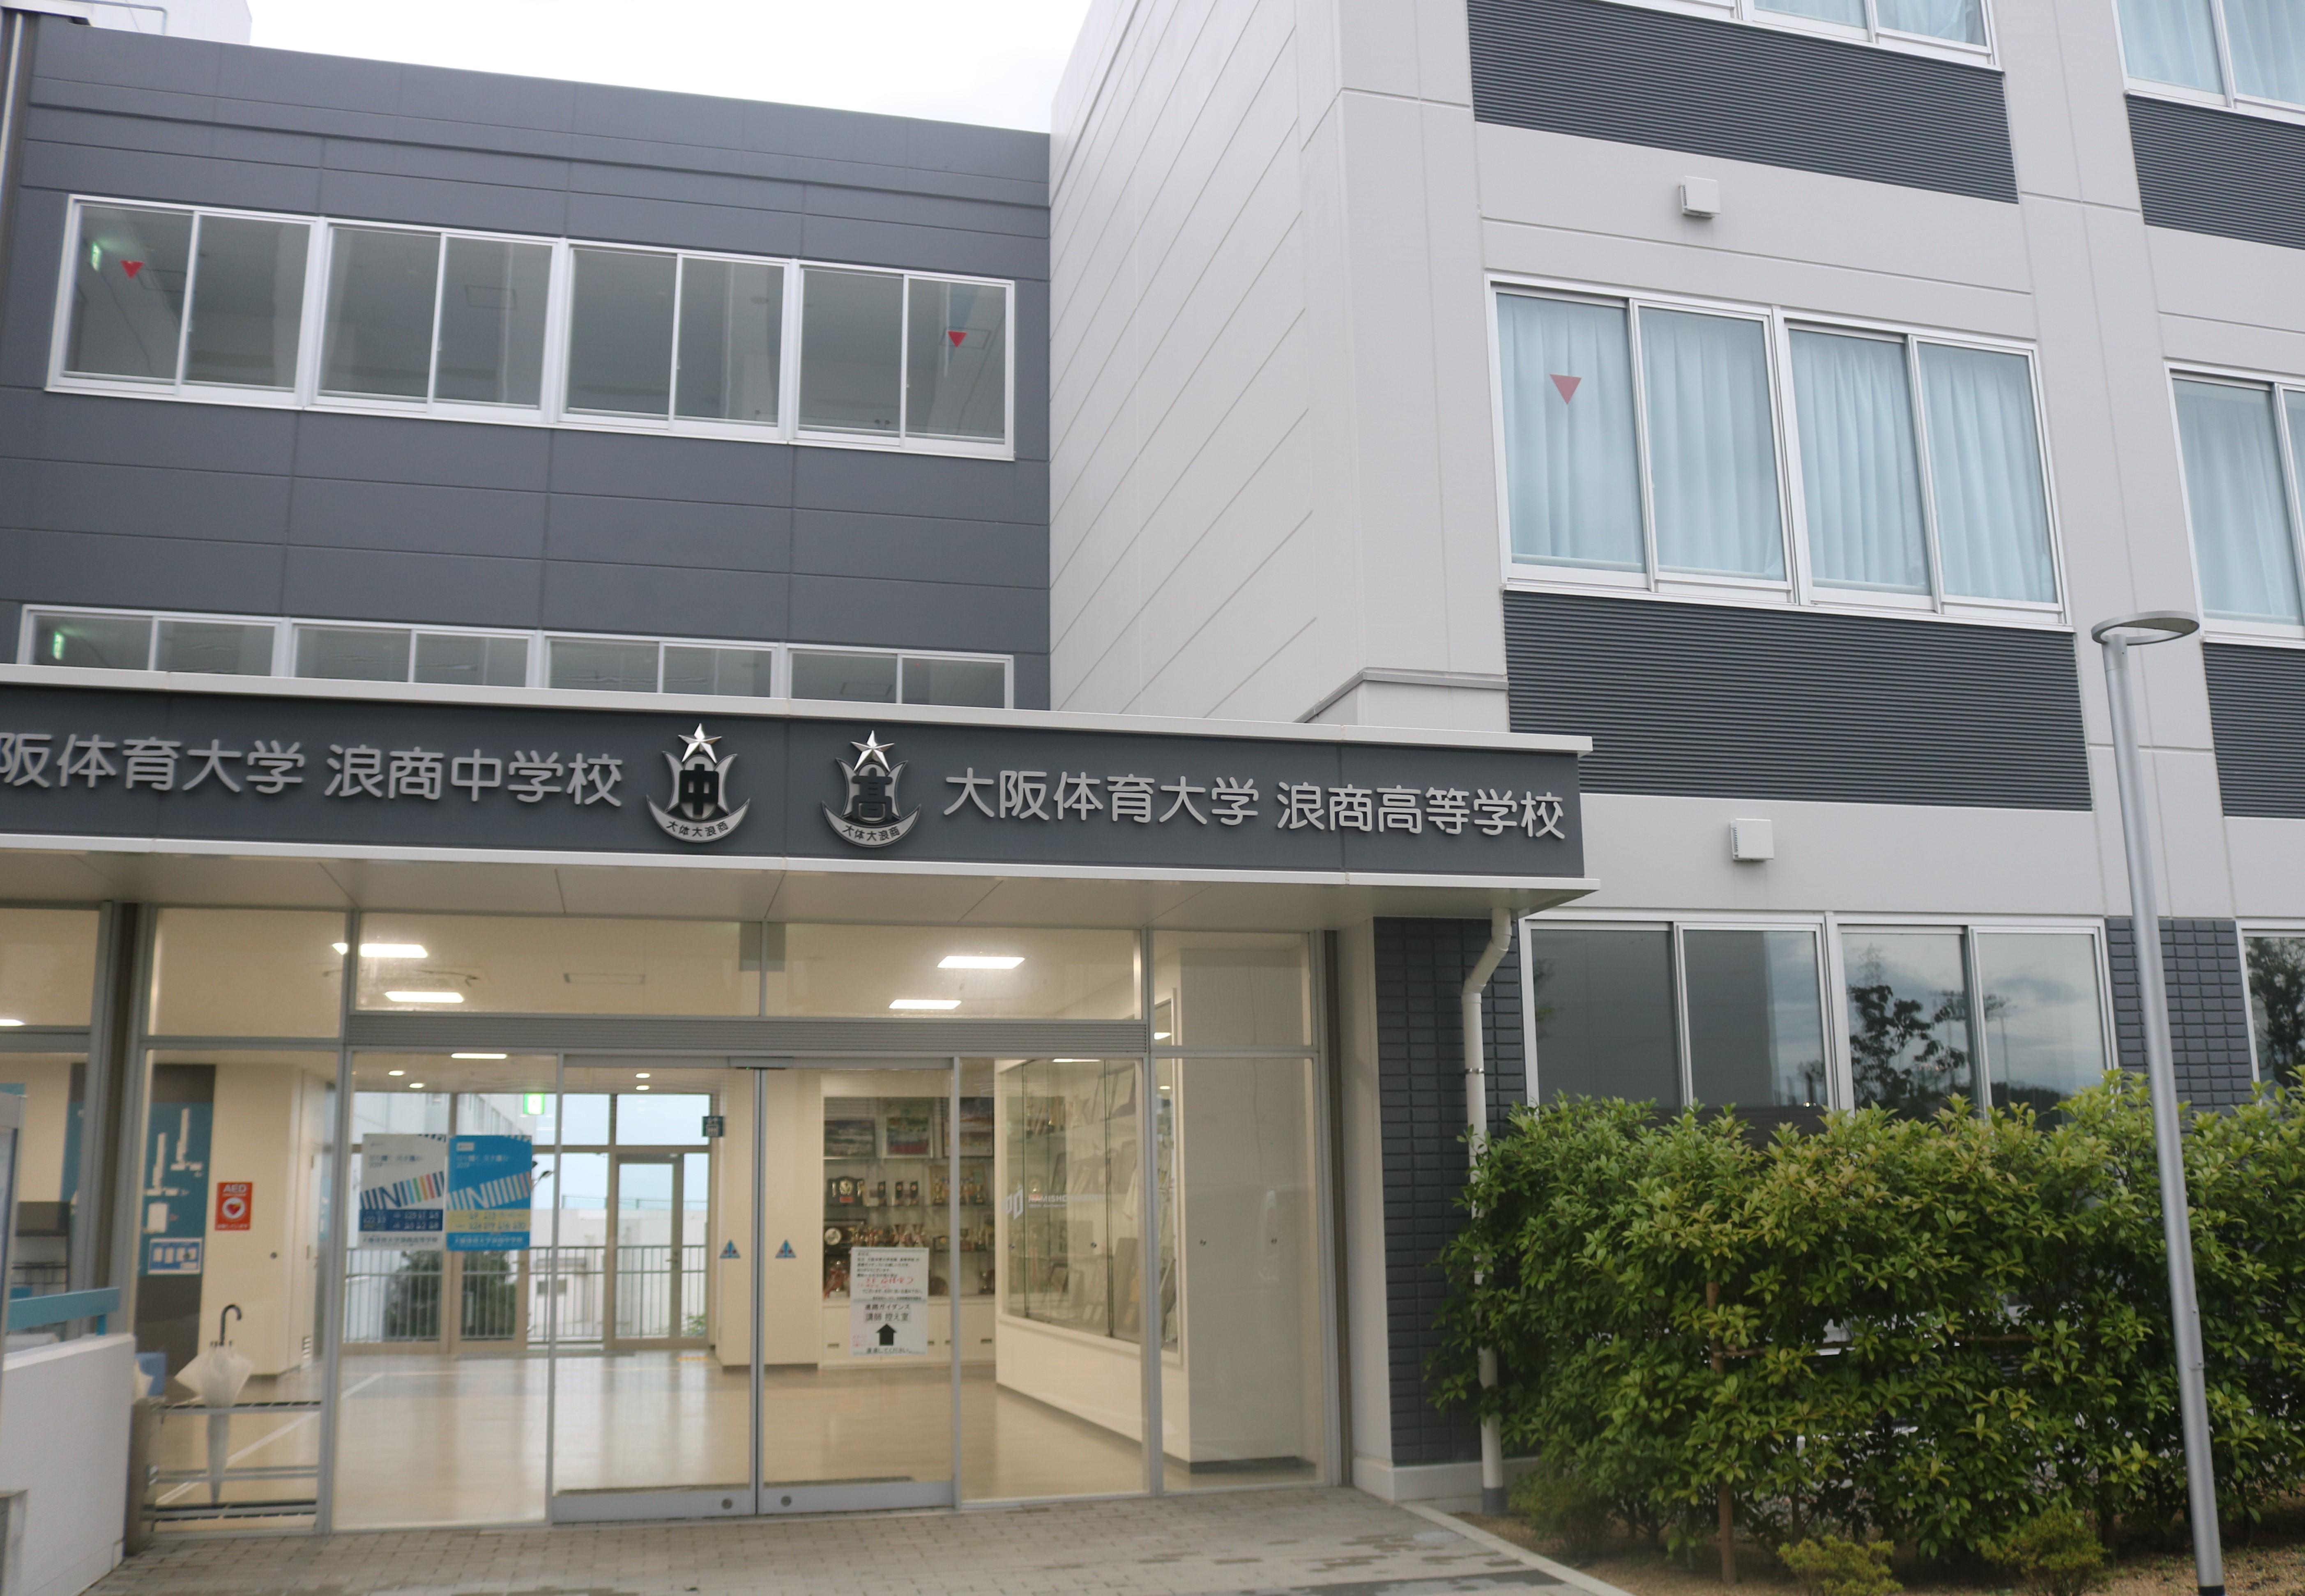 学校 商 大阪 大学 浪 体育 高等